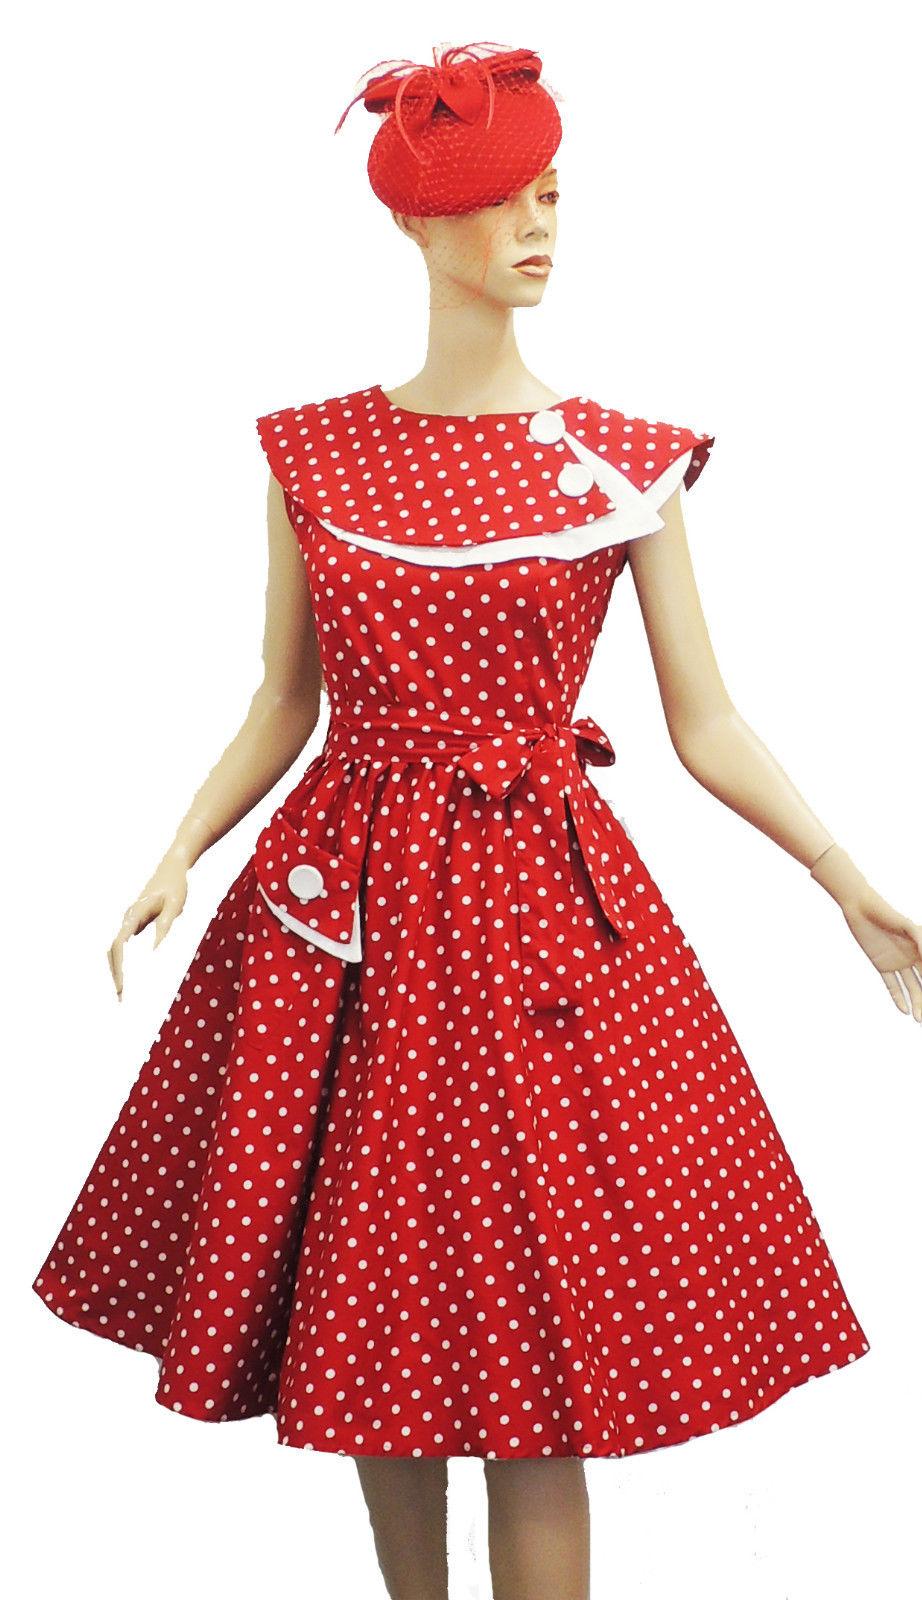 New Rosa Rosa Vtg 1950s Retro Polka Dot Rockabilly Party ...